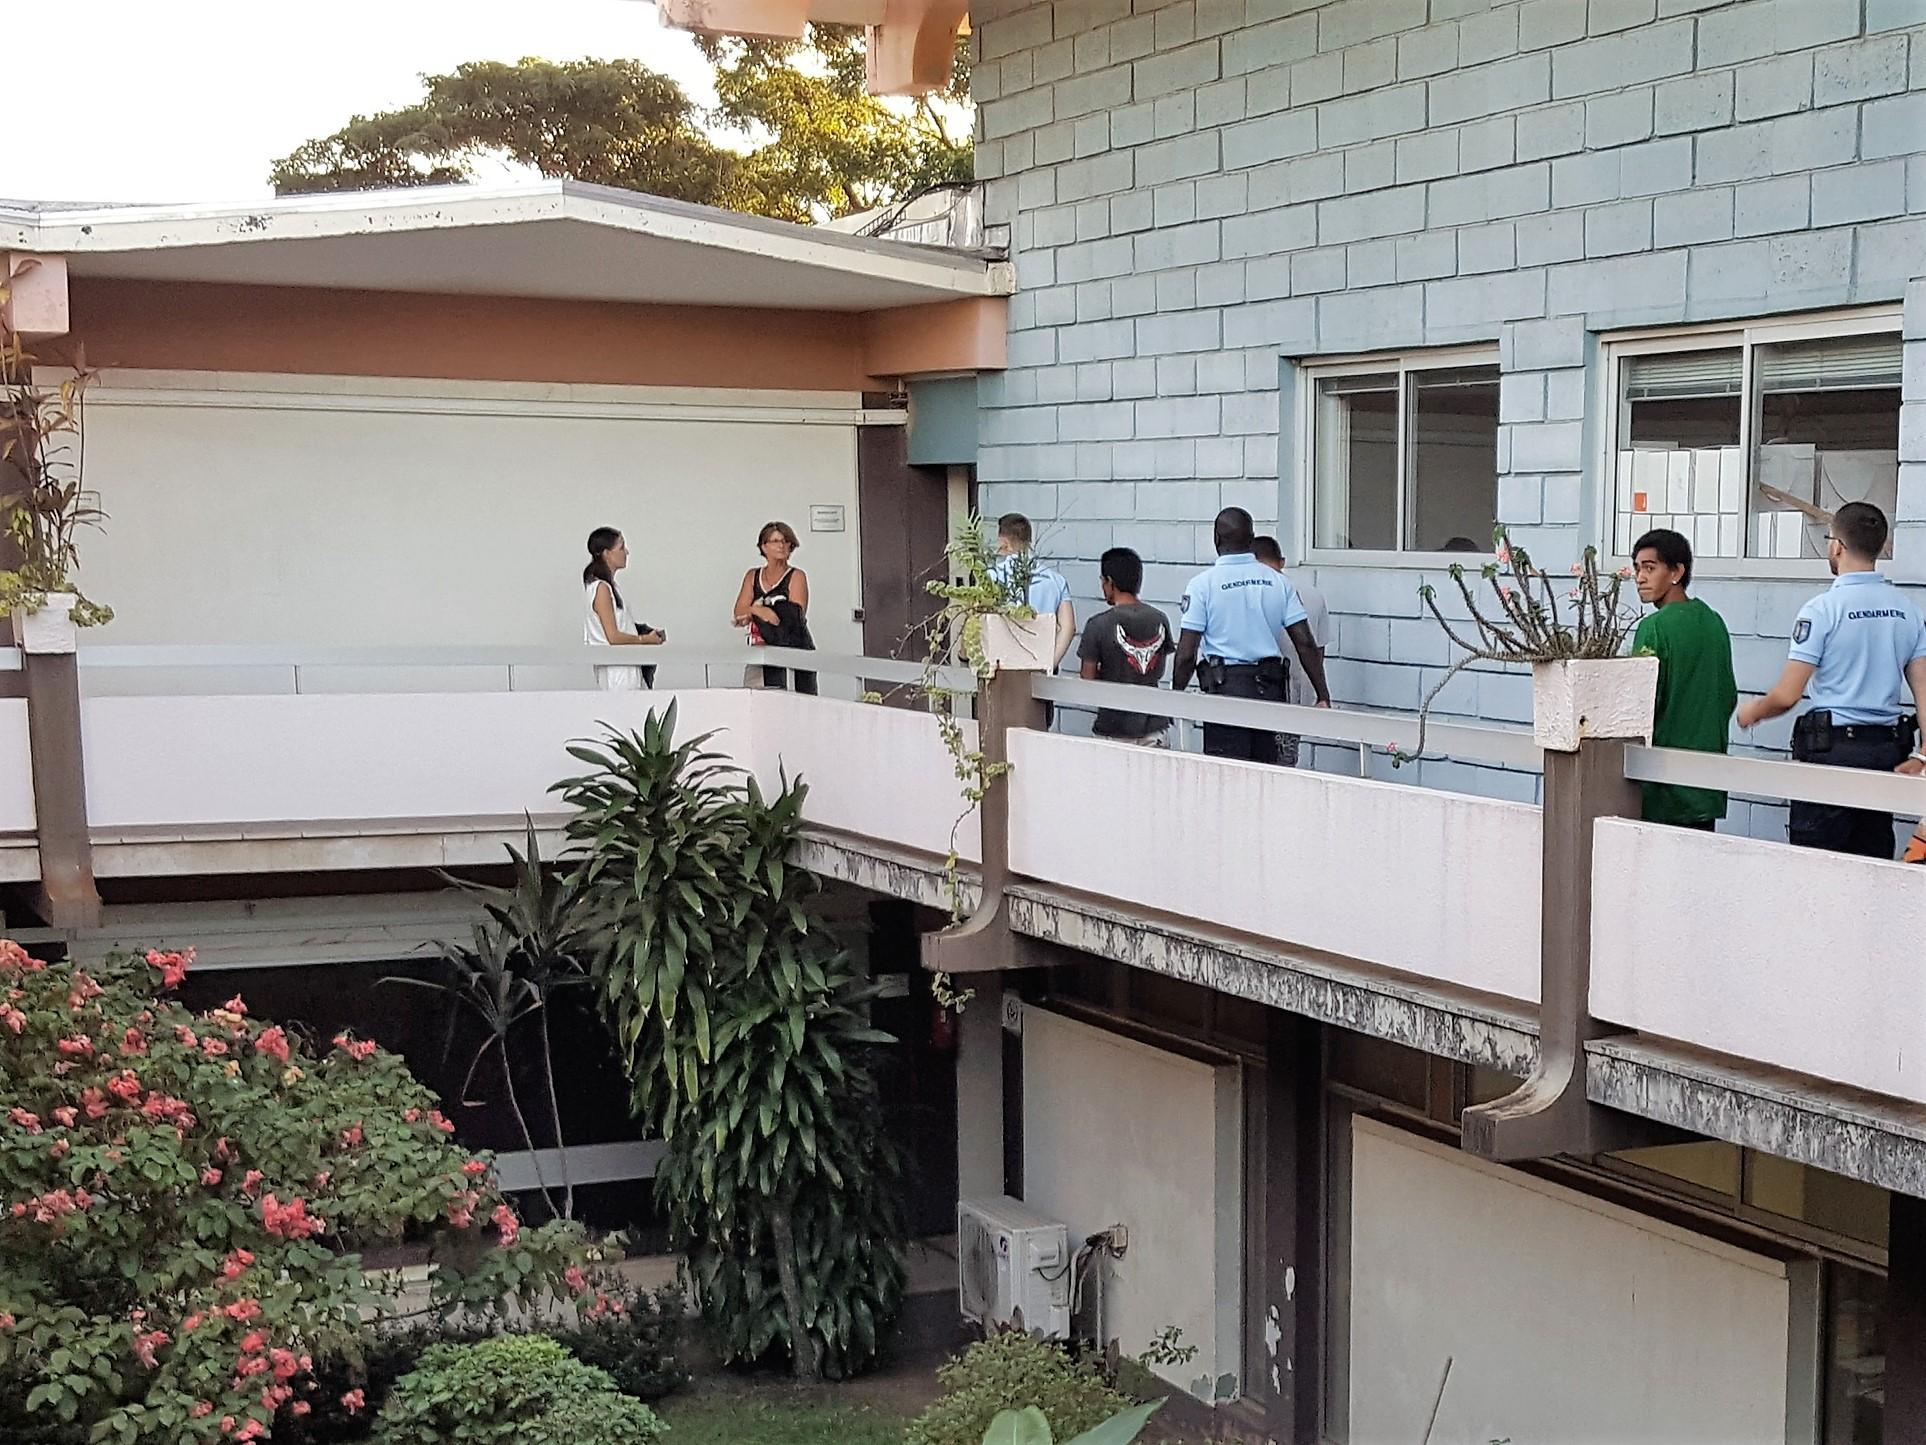 Cinq individus avaient été interpellés, trois d'entre eux ont été condamnés en comparution immédiate ce jeudi.